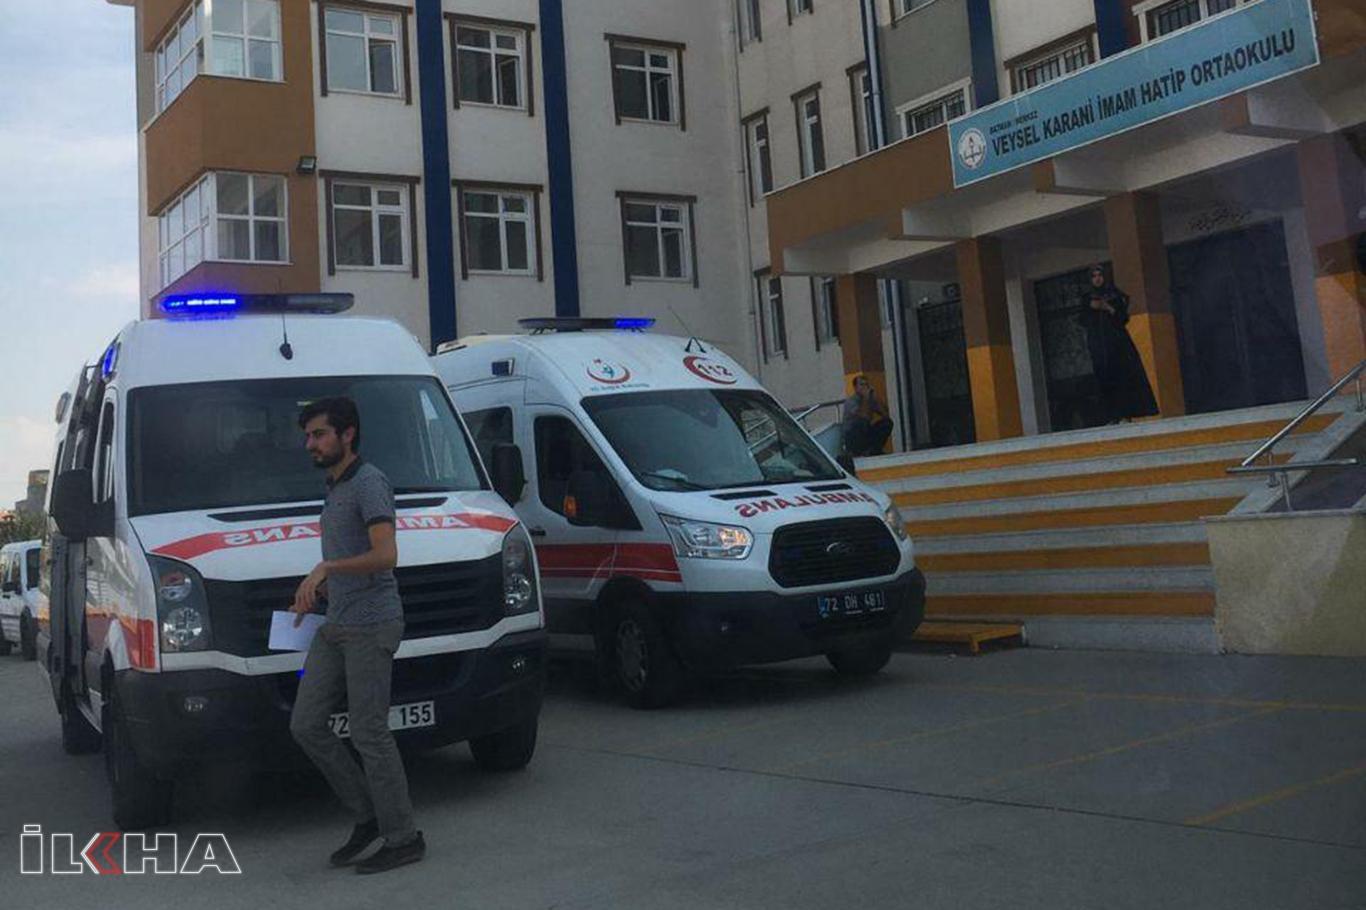 Şebeke suyundan çok sayıda öğrenci hastanelik oldu.